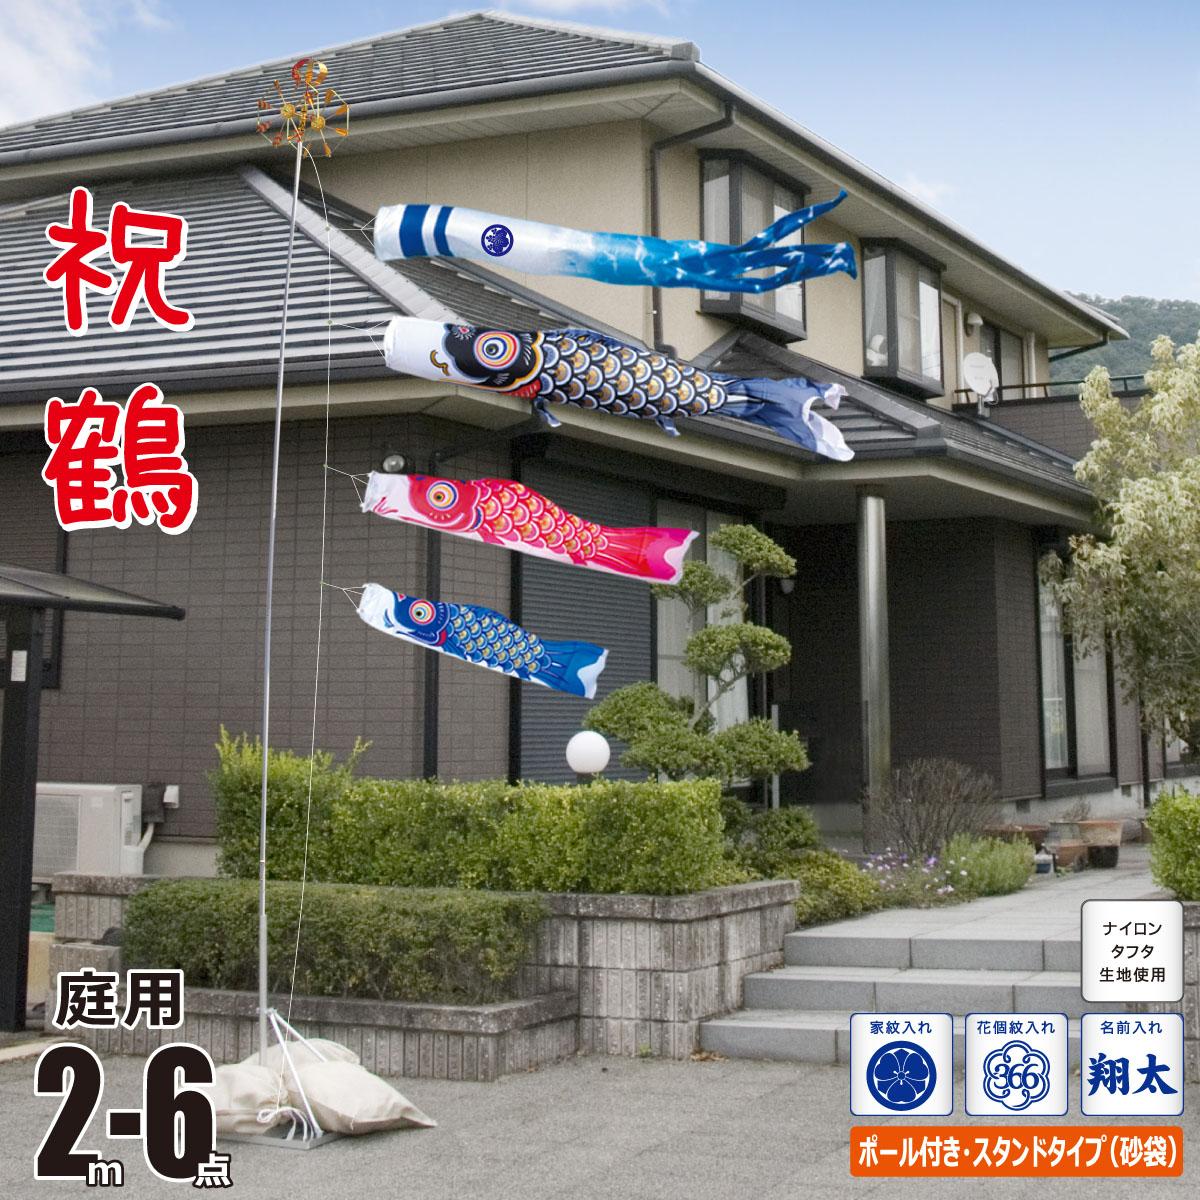 こいのぼり 2m 祝鶴 6点 (矢車、ロープ、吹流し、鯉3匹) 庭園用 スタンドセット (庭用 スタンド 砂袋3枚入り) 徳永鯉のぼり KIT-402-123-GS